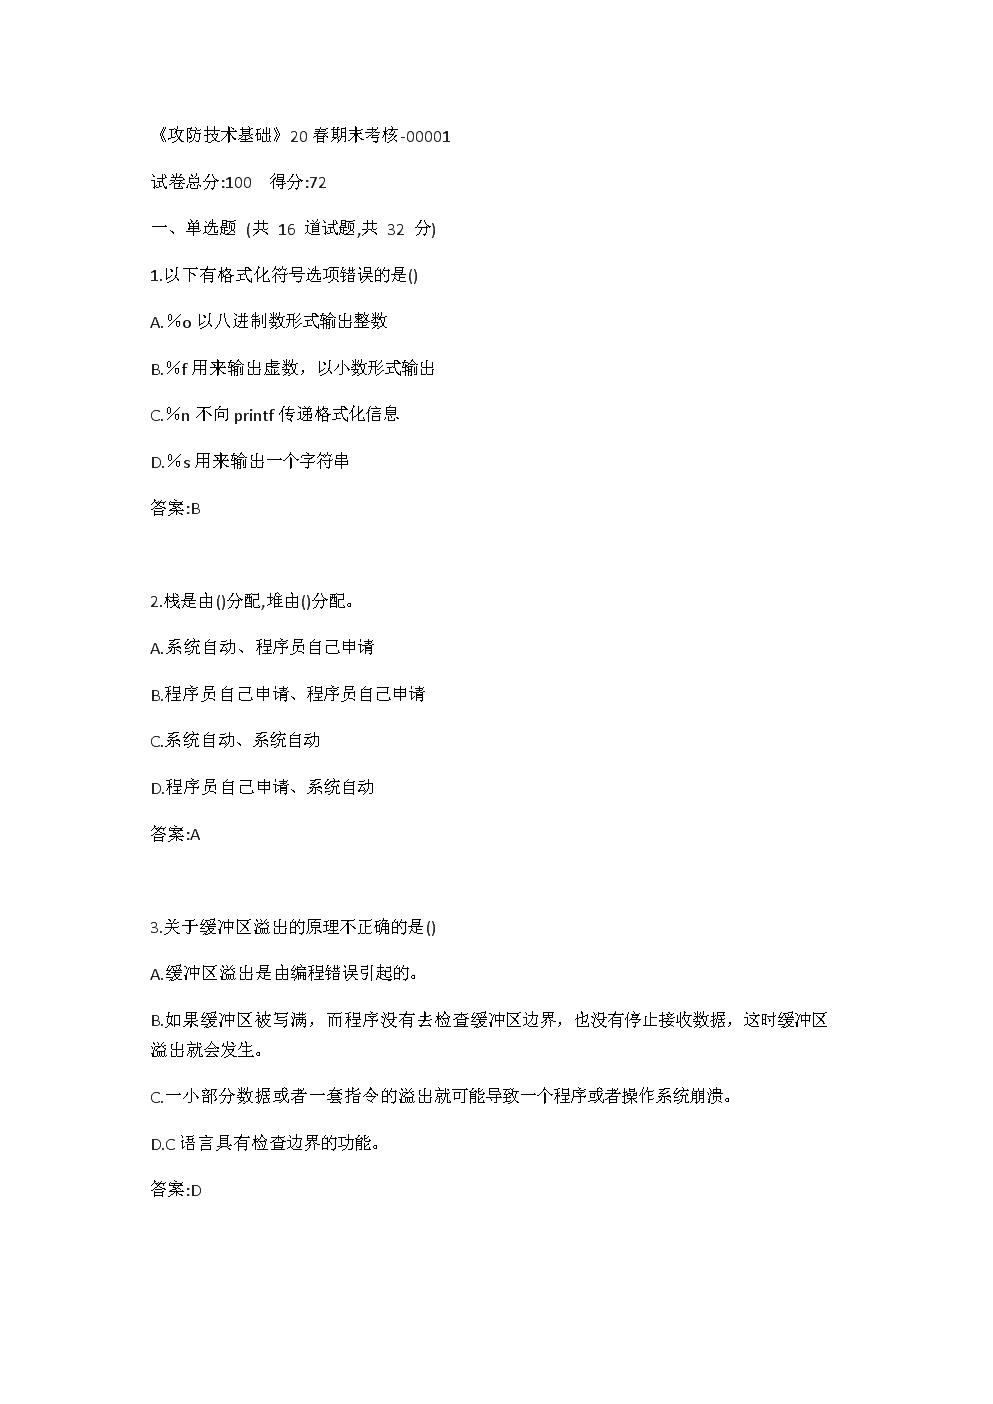 南开《攻防技术基础》20春期末考核答案.docx